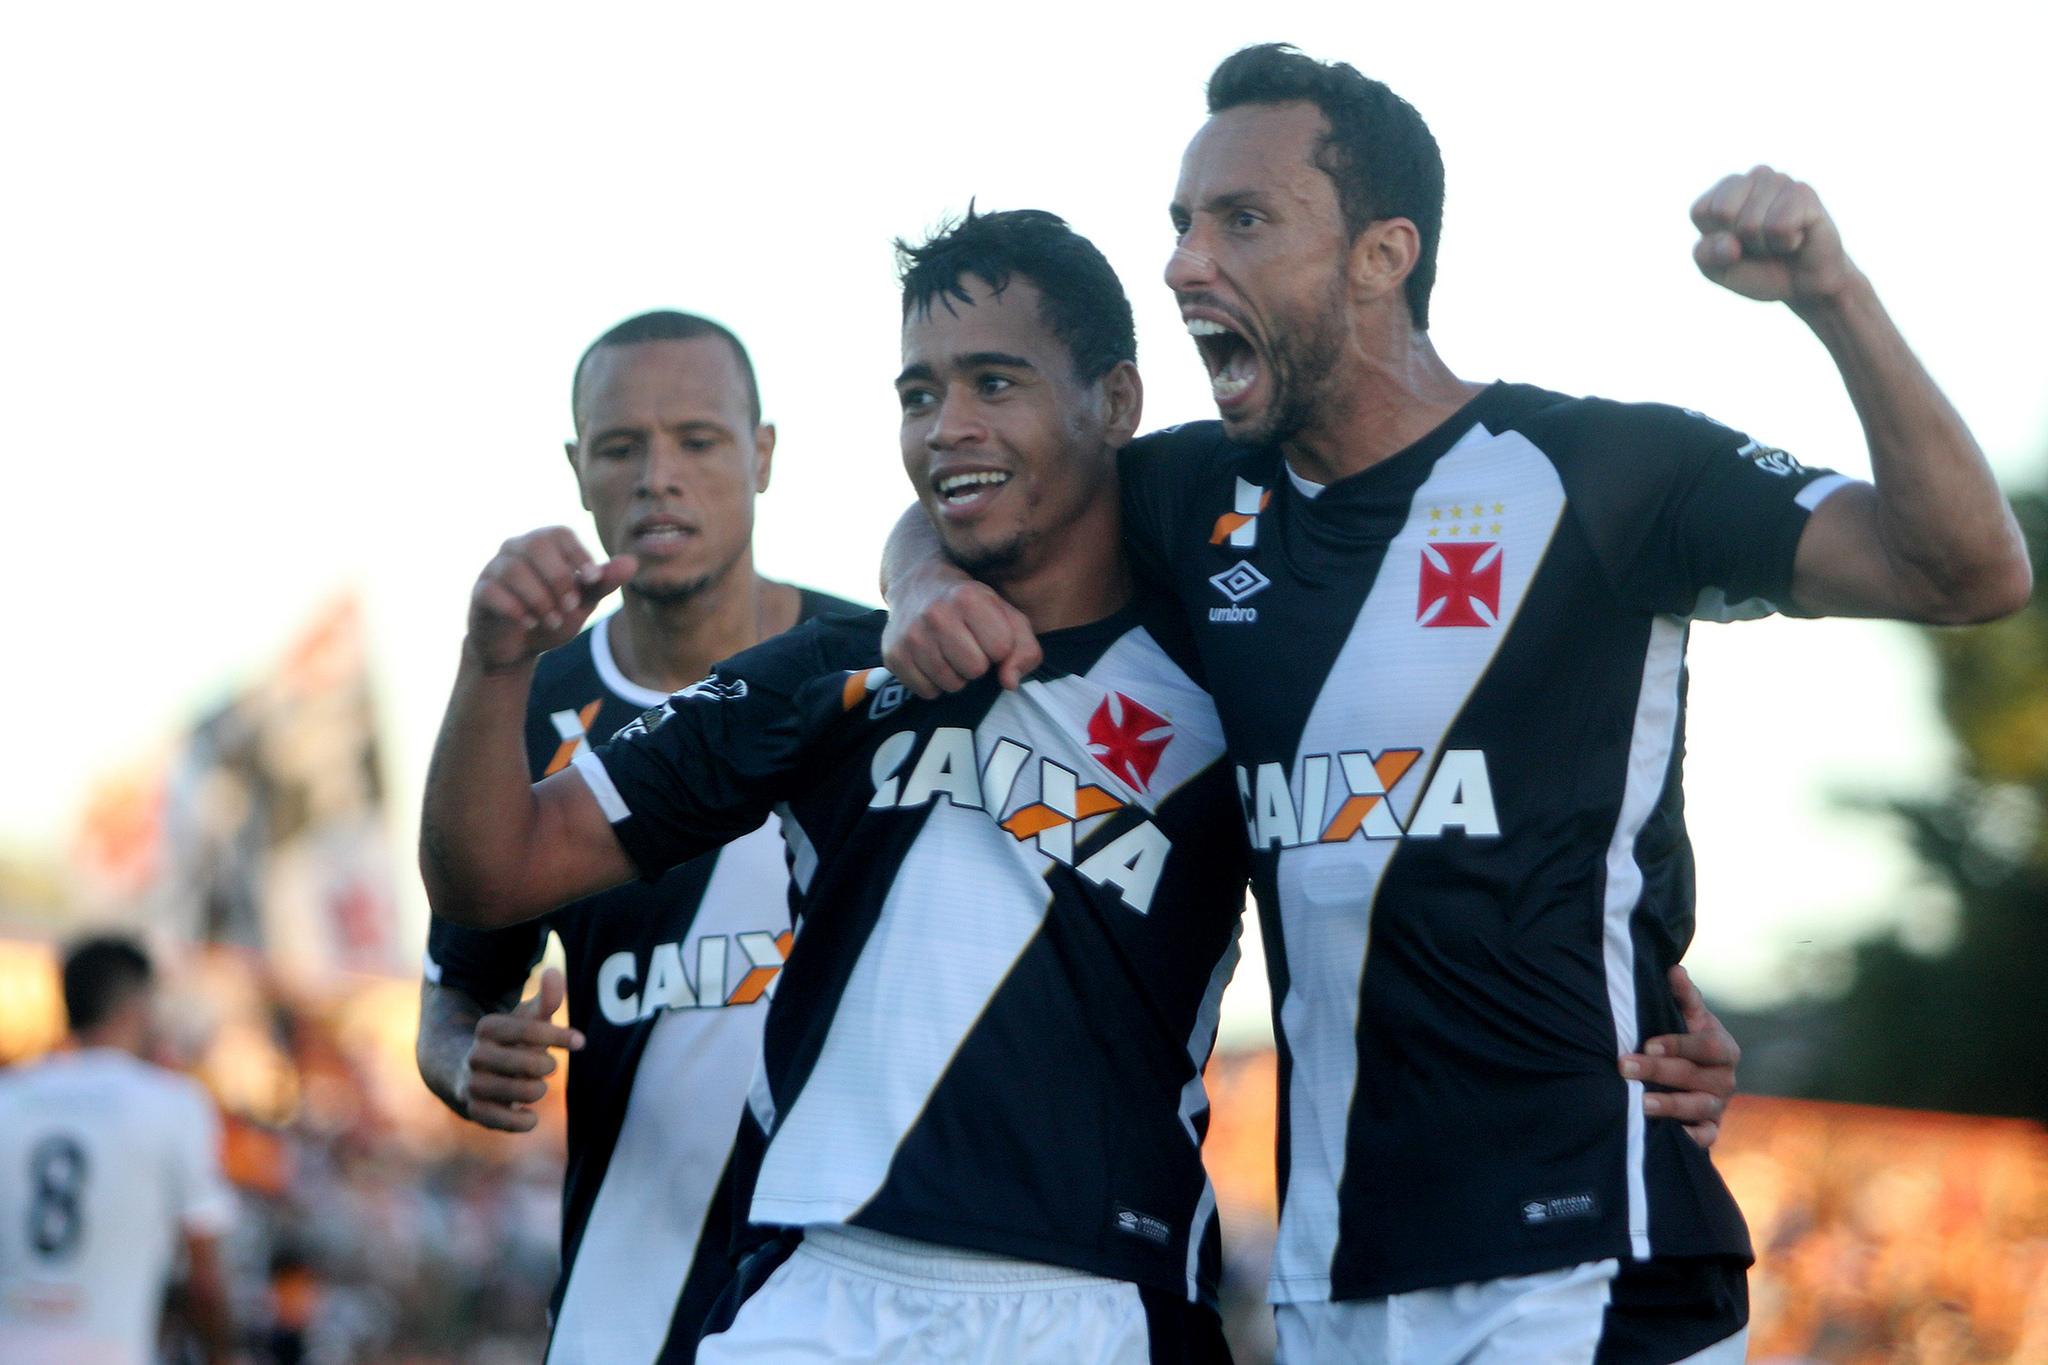 33801442955_e12533b22b_k-300x200 Vasco vence Nova Iguaçu e garante vaga na semifinal da Taça Rio